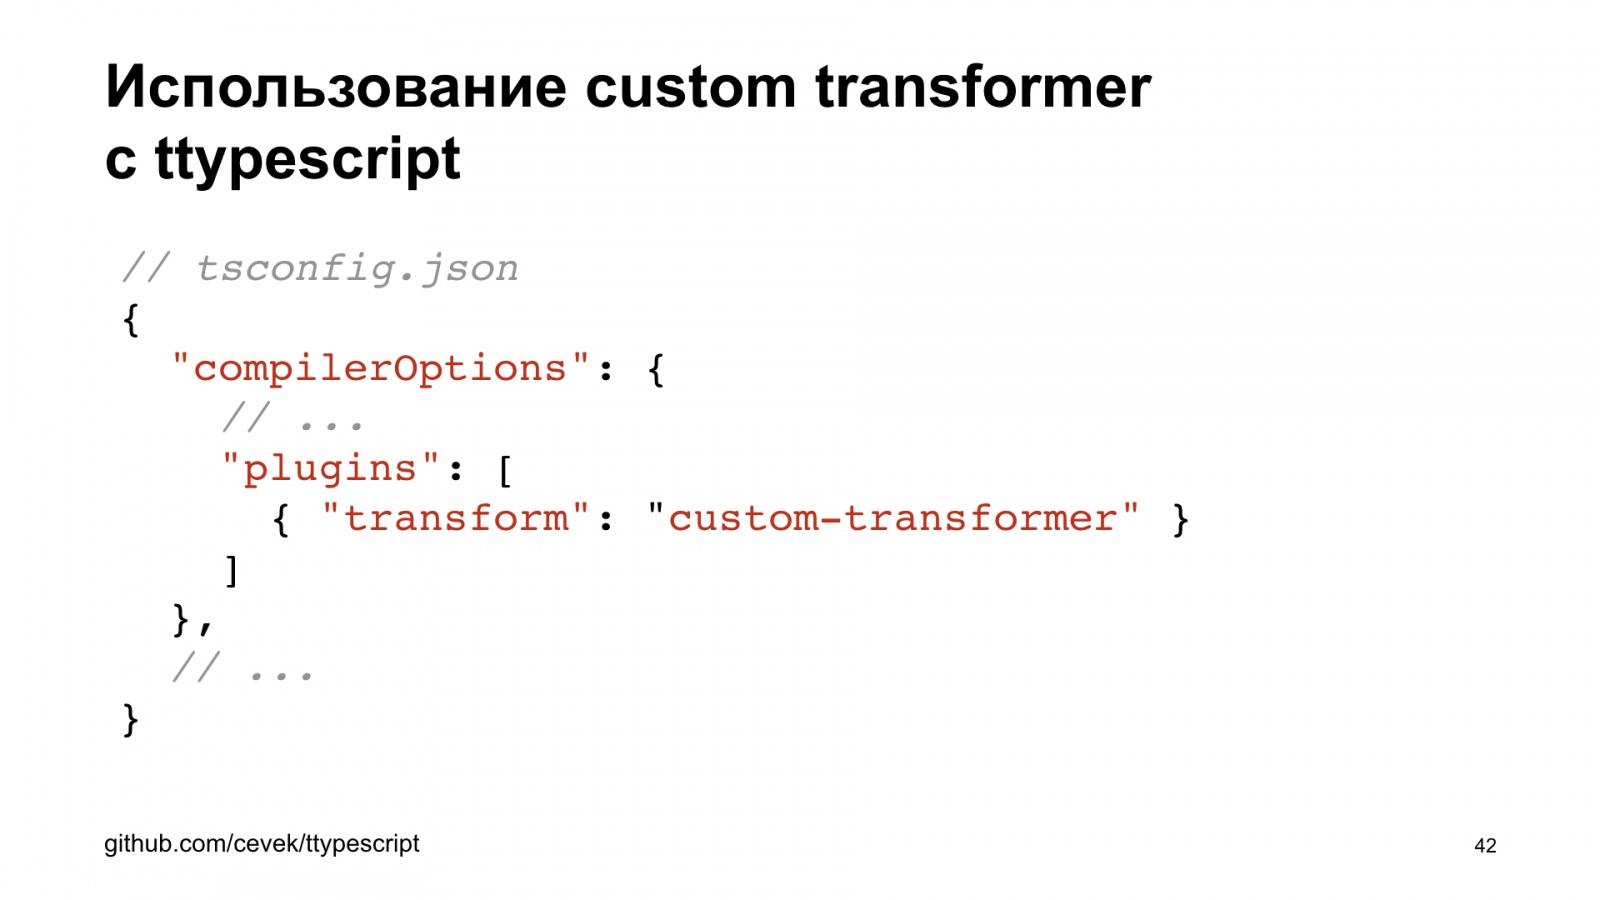 Минифицируем приватные поля в TypeScript. Доклад Яндекса - 42